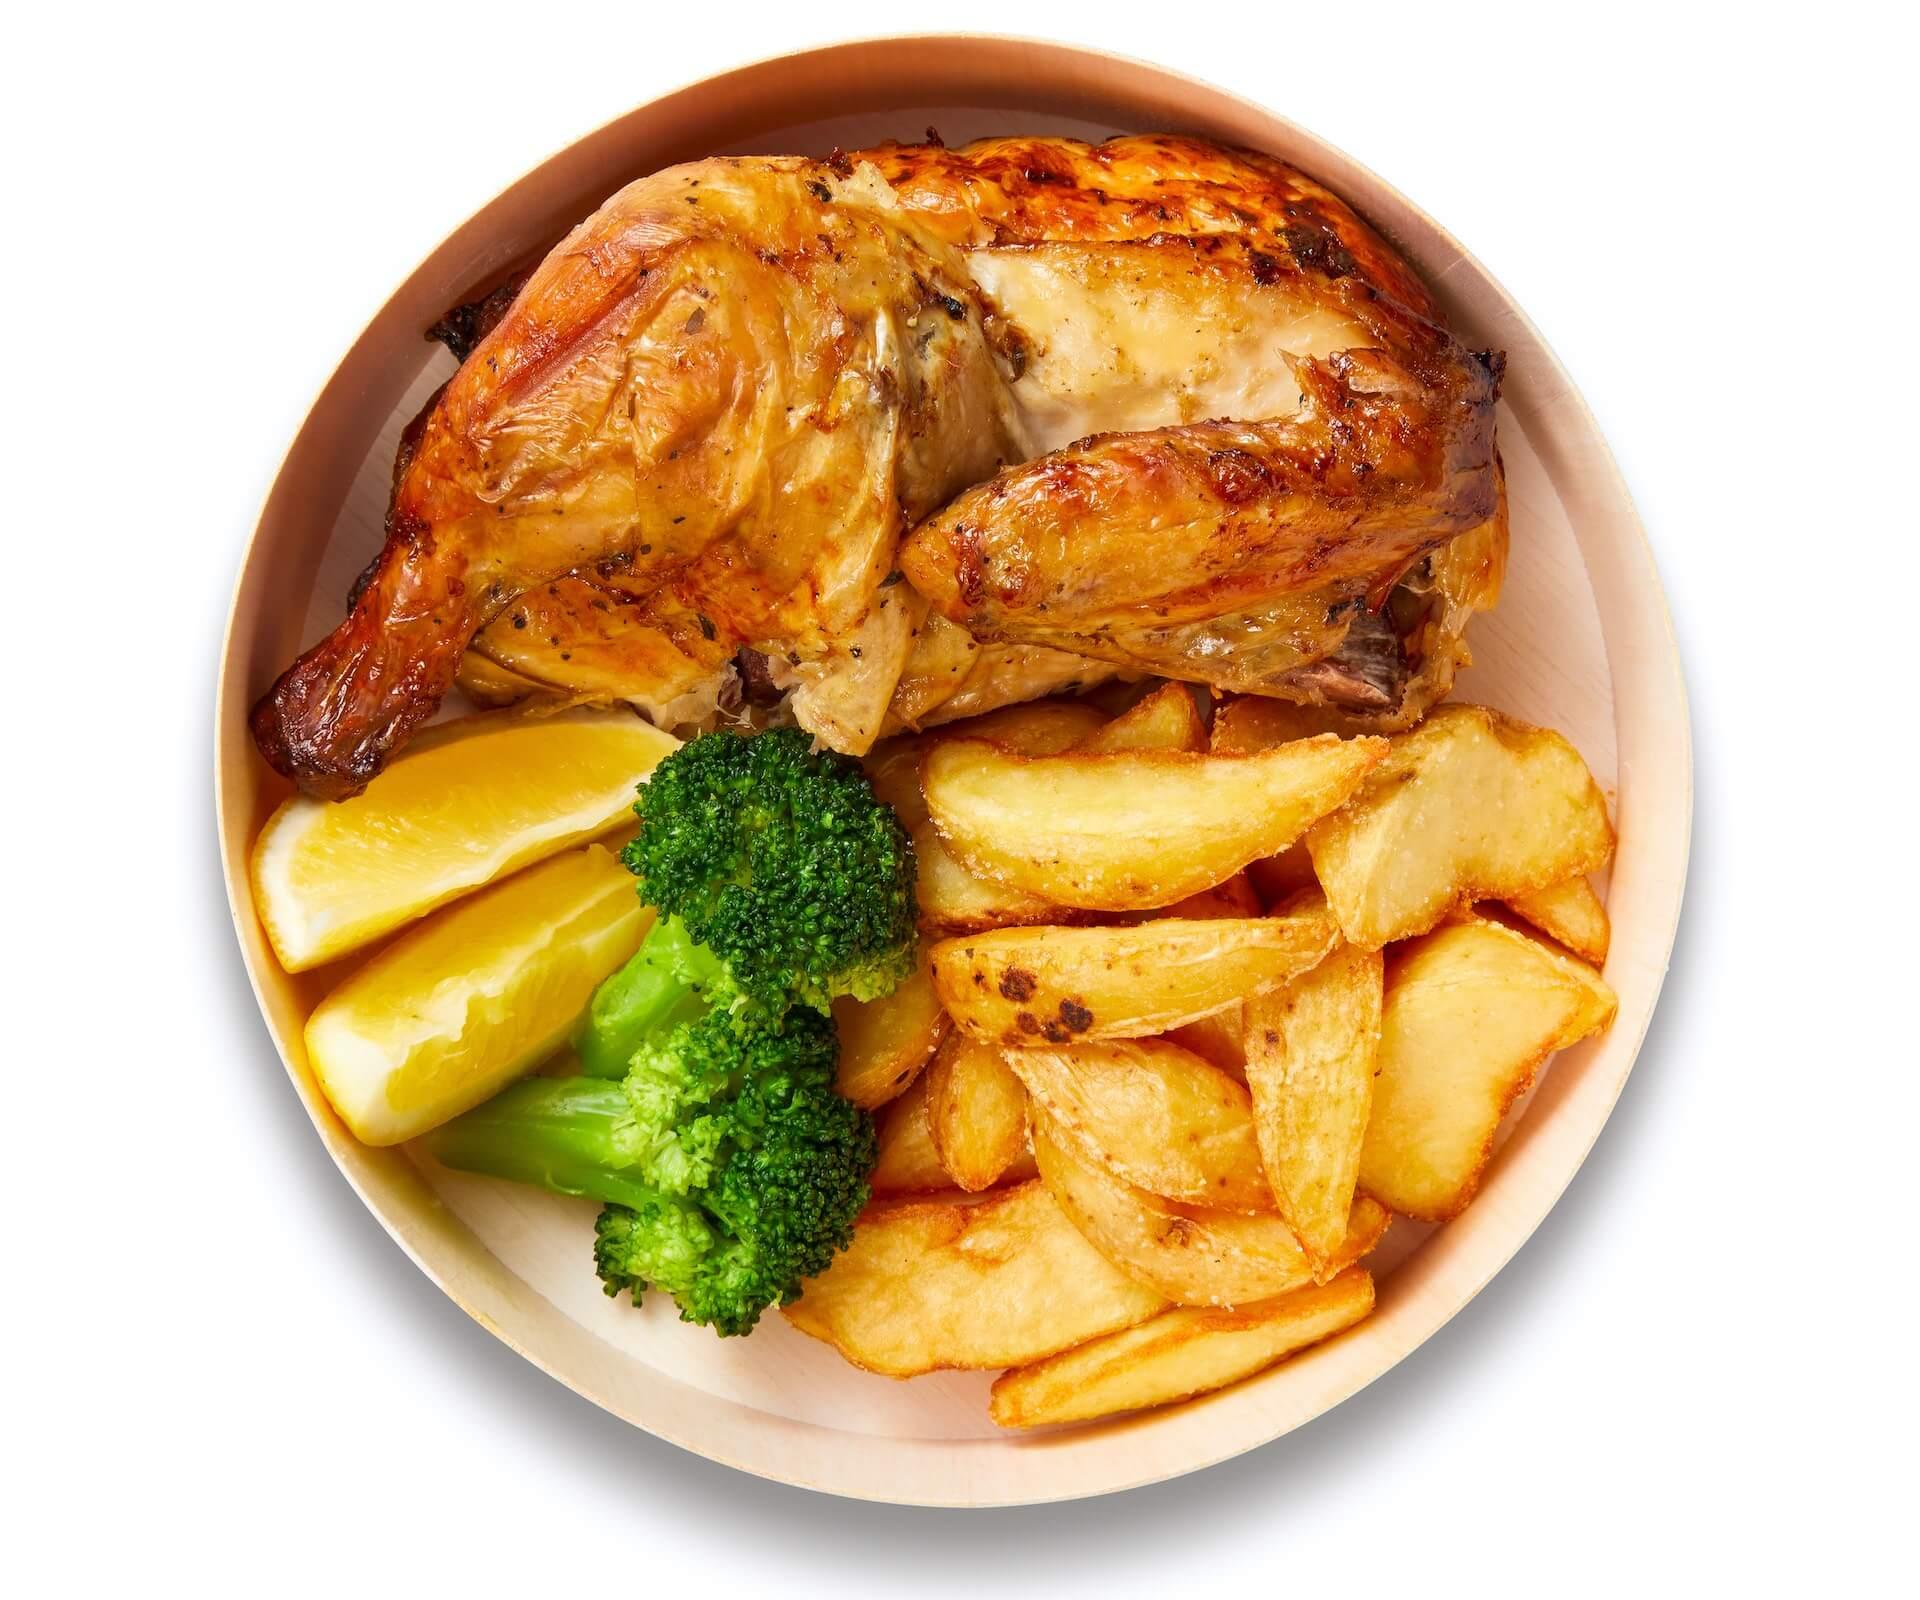 ミートボールBOXなど人気メニューが自宅でも!イケアレストランの一部メニューがテイクアウト可能に gourmet200423_ikea_restaurant_06-1